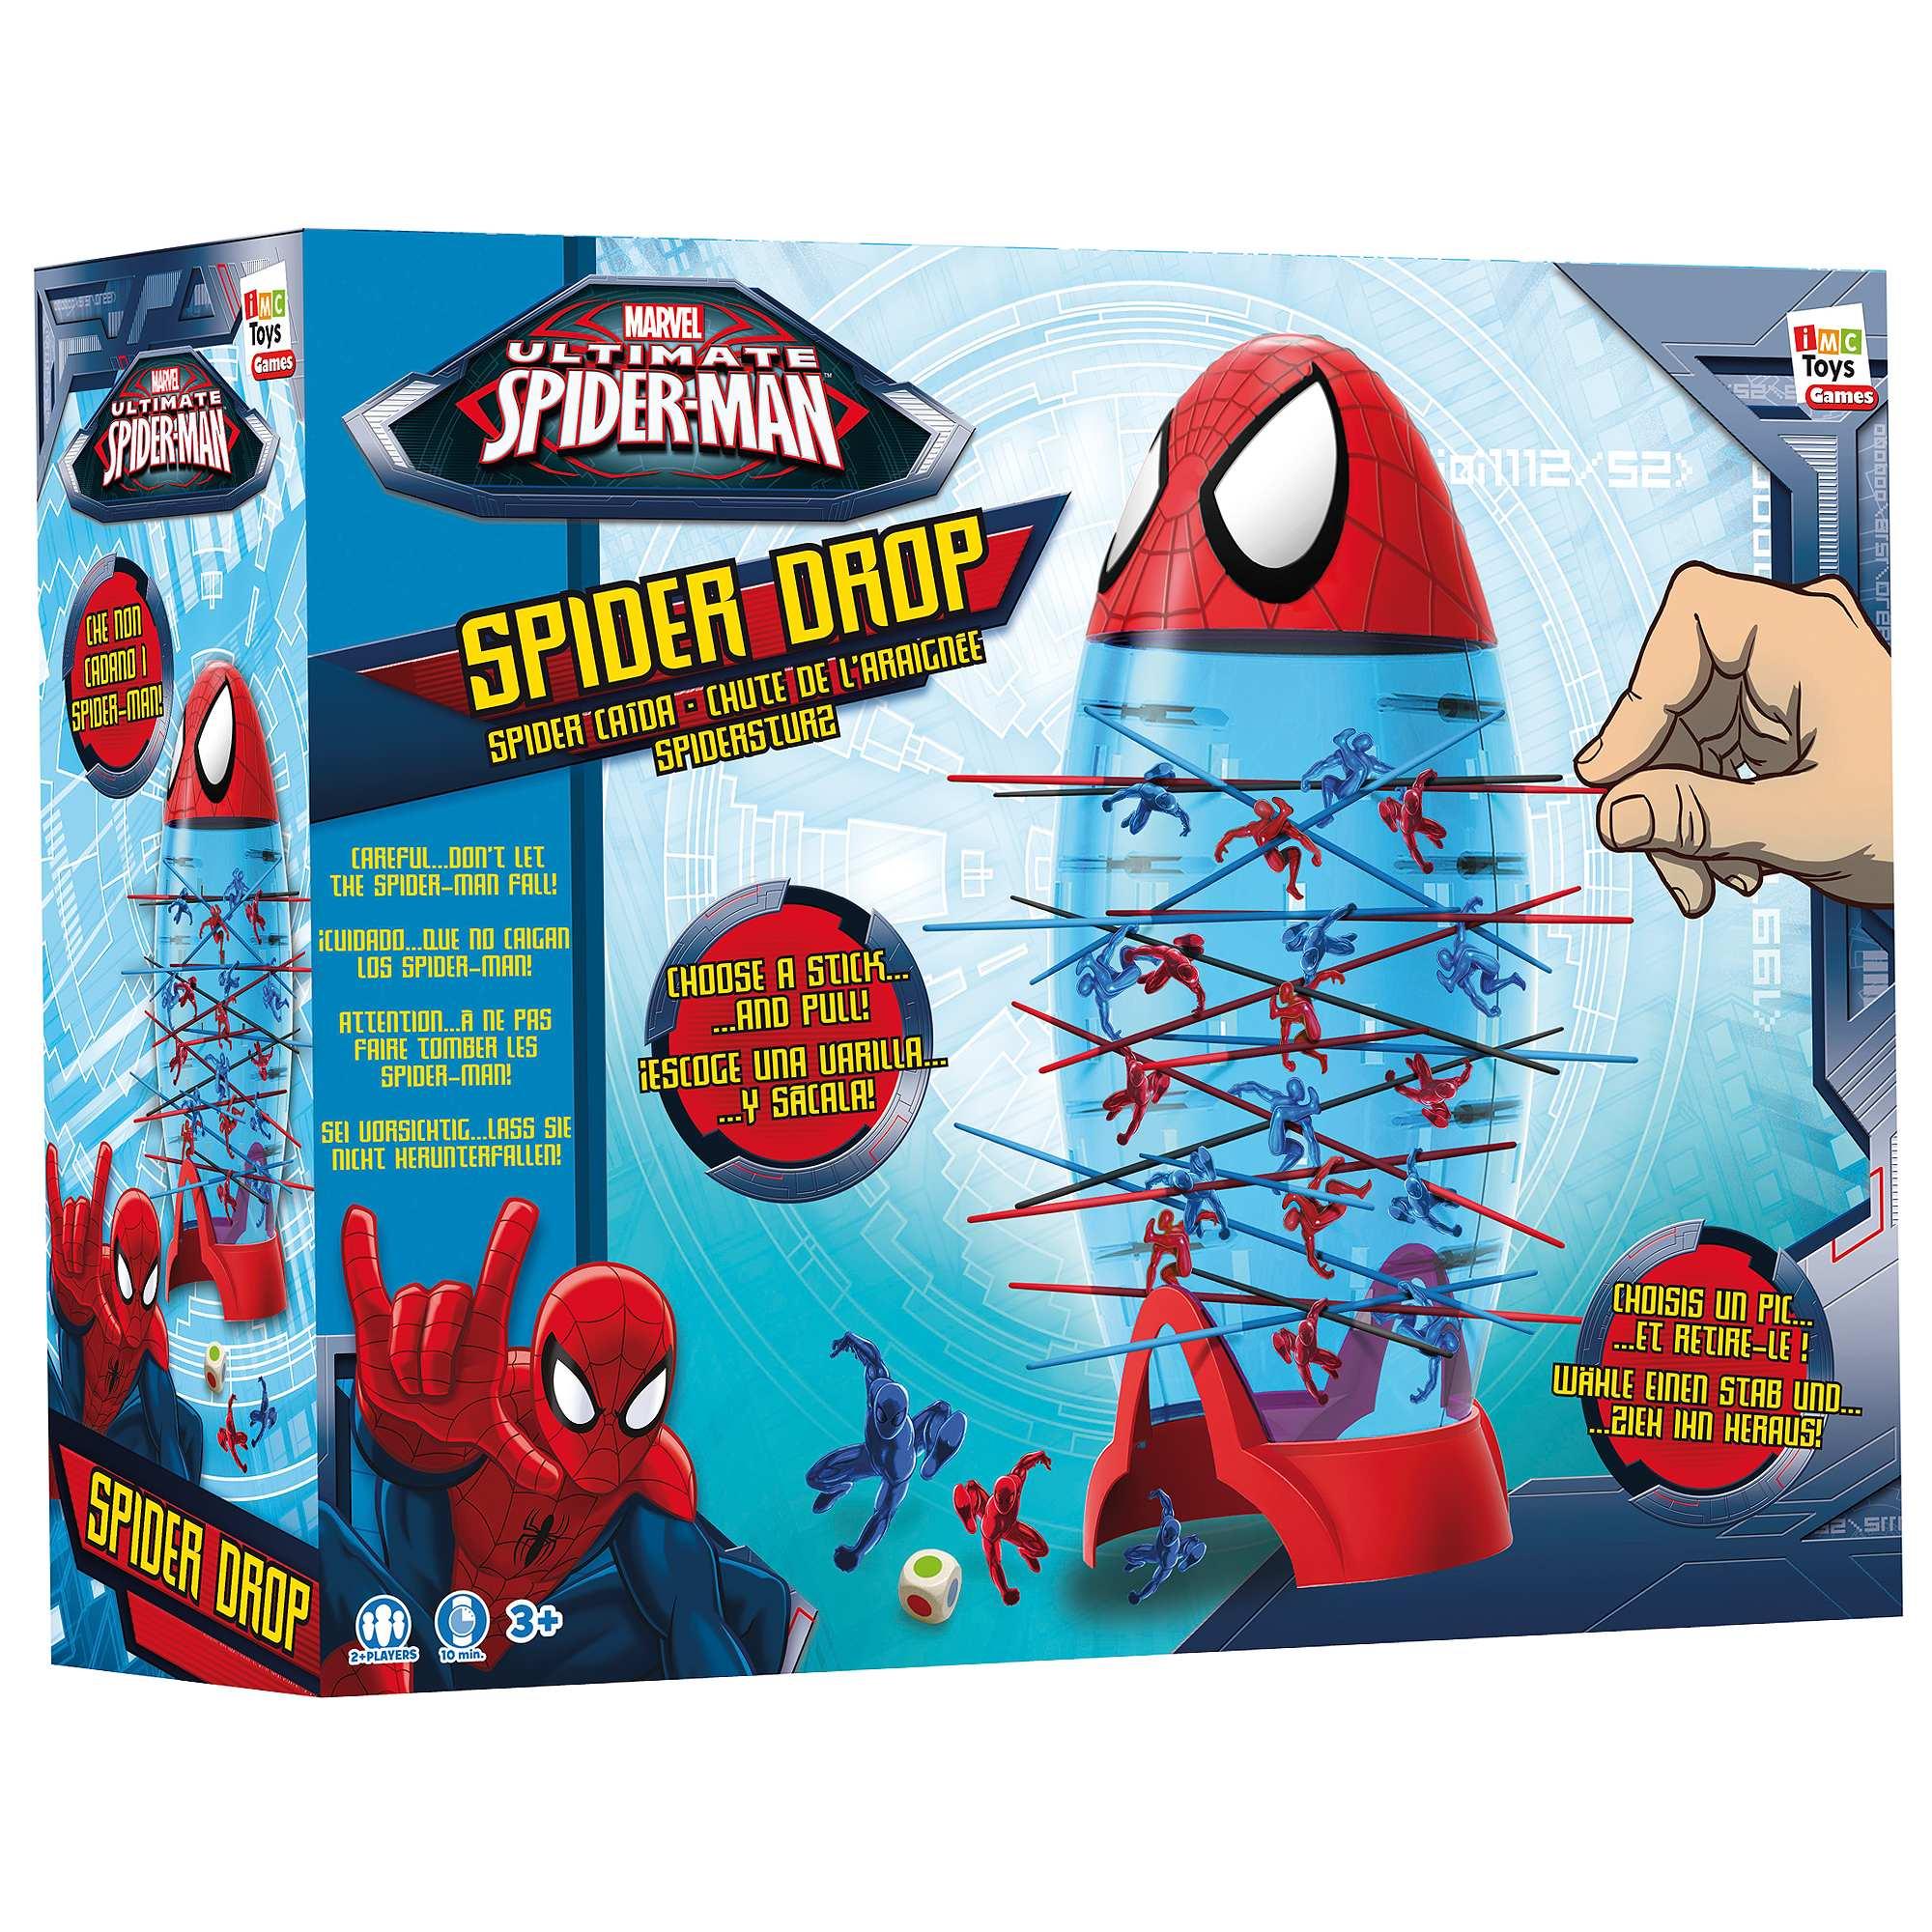 Couleur : rouge, , ,, - Taille : TU, , ,,Votre héros préféré 'Spider Man' dans le jeu de société marvel Chute de l'araignée. Le